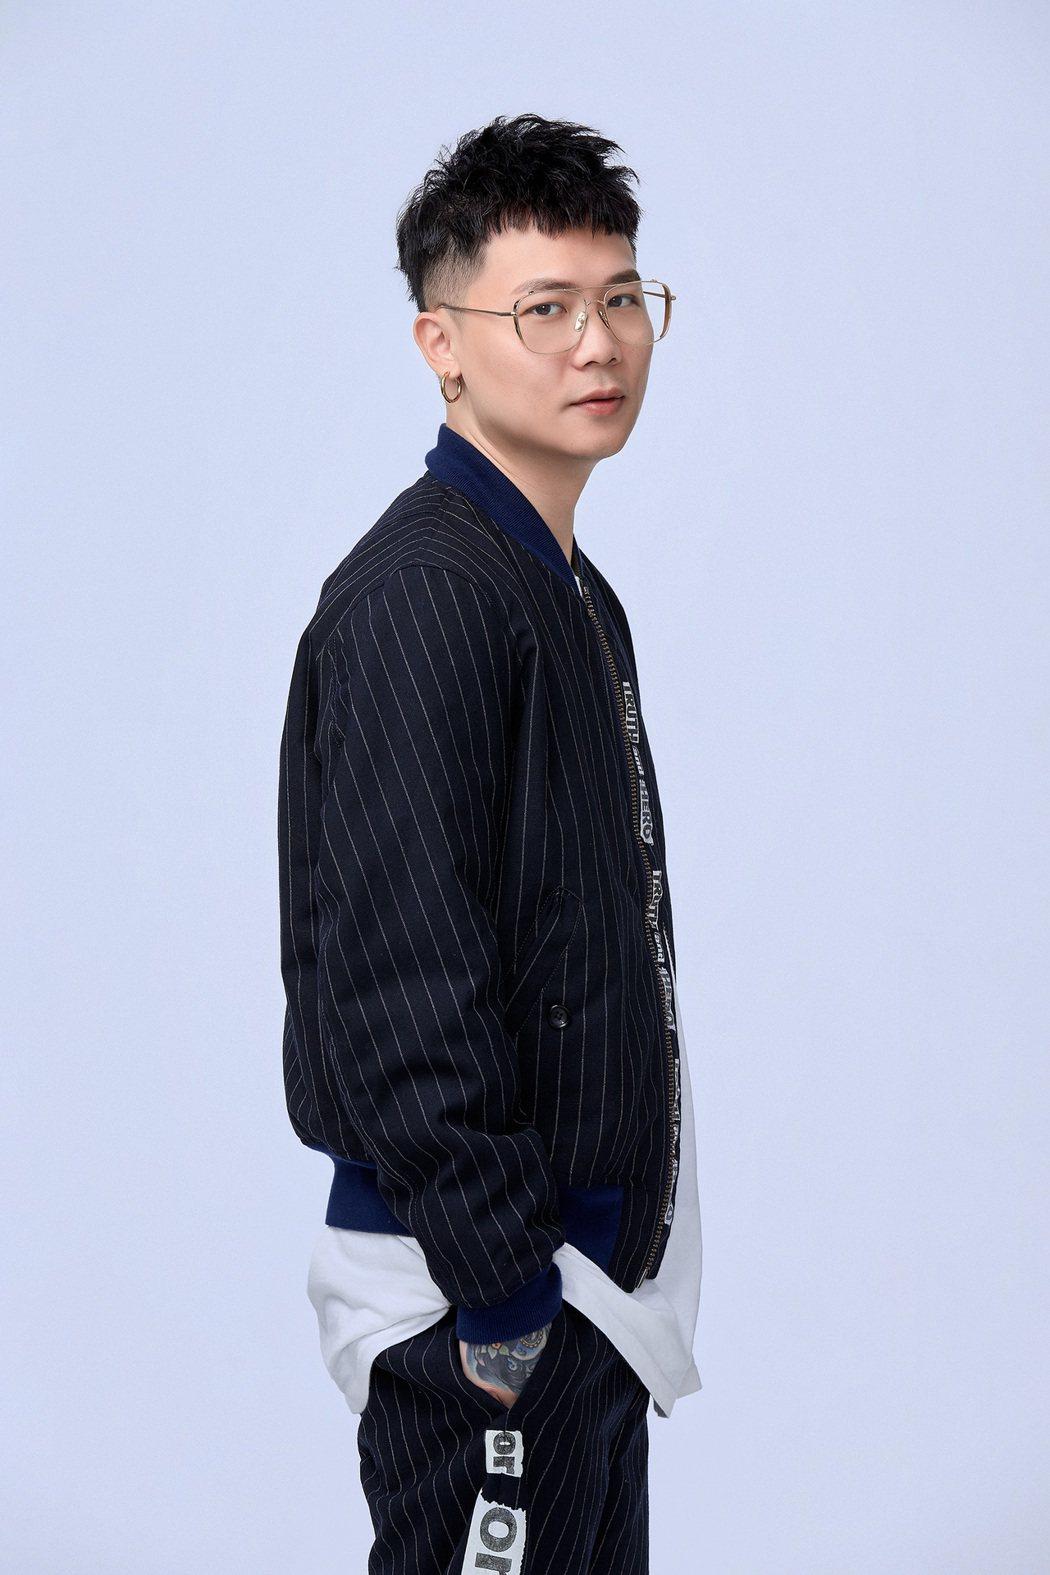 蕭秉治將參與臺北跨年演出。圖/臺北市觀光傳播局與必應創造提供